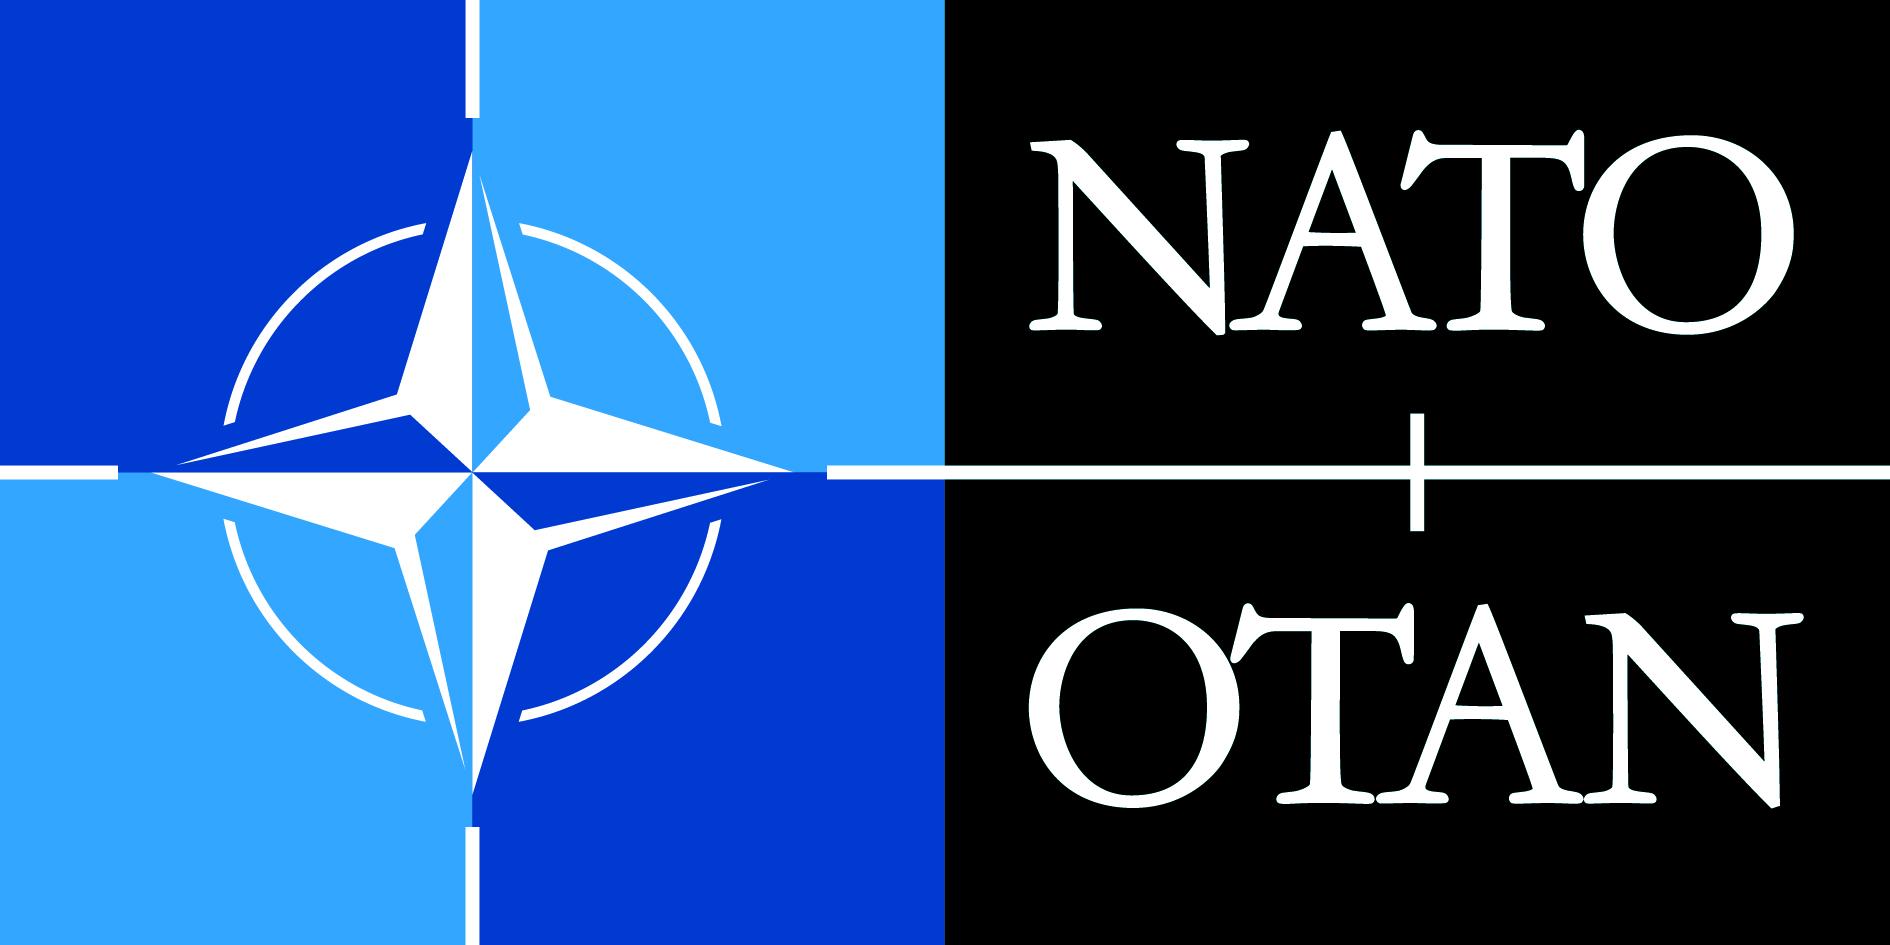 NATOhor_CMYK_HR